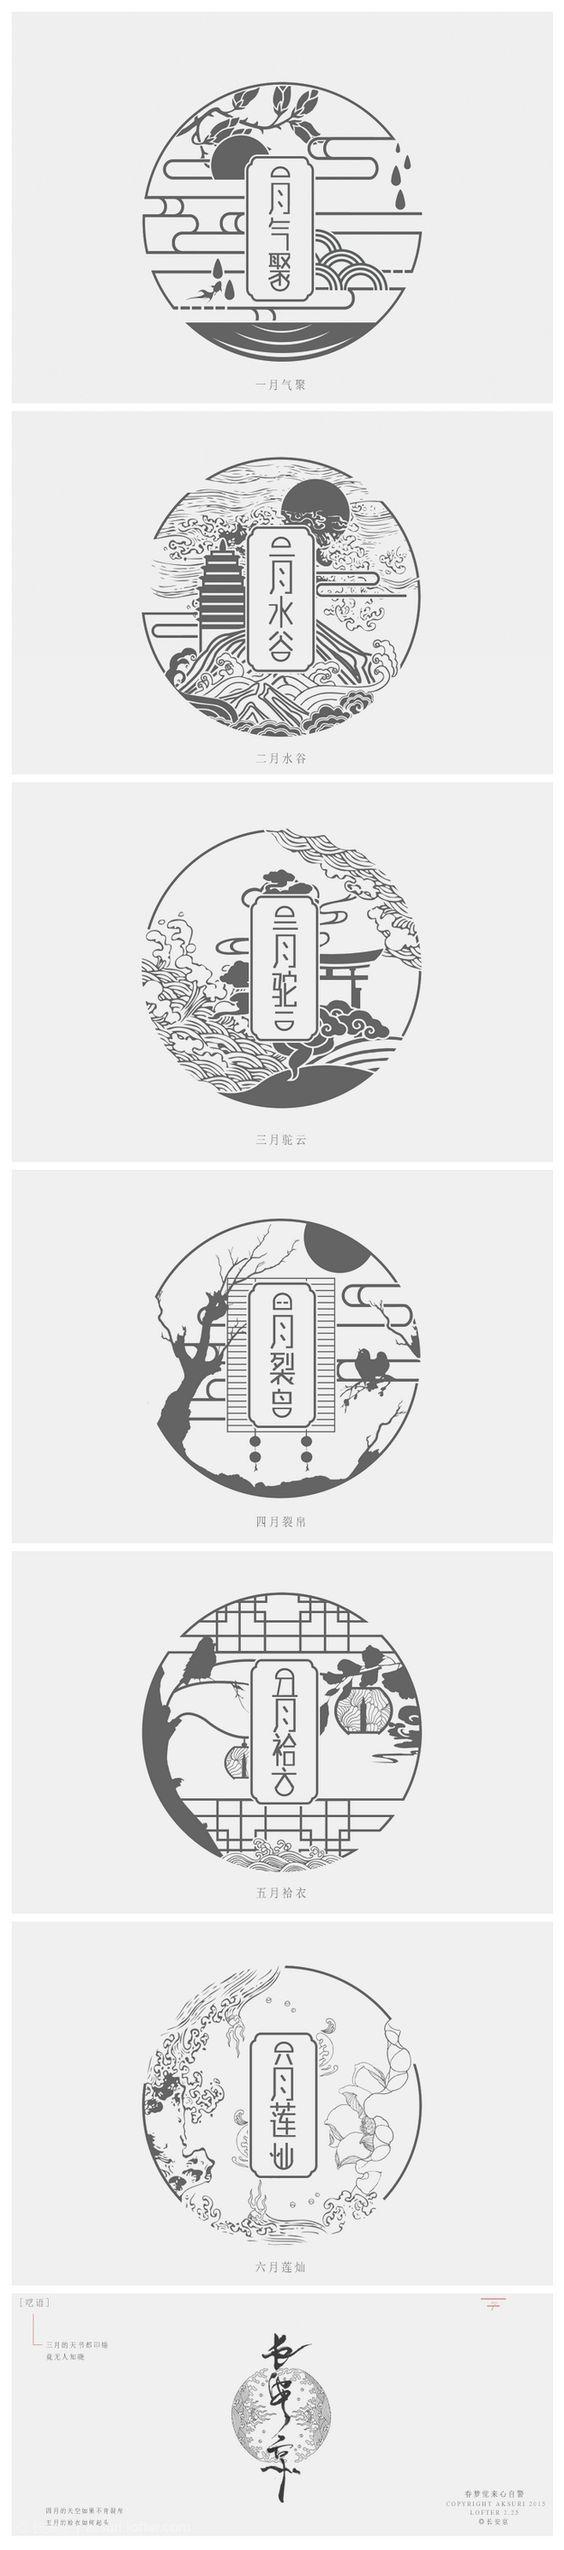 只做一半,不放大图 [&nb-长安京@Maplelove采集到【传统古韵】(1271图)_花瓣人文艺术: